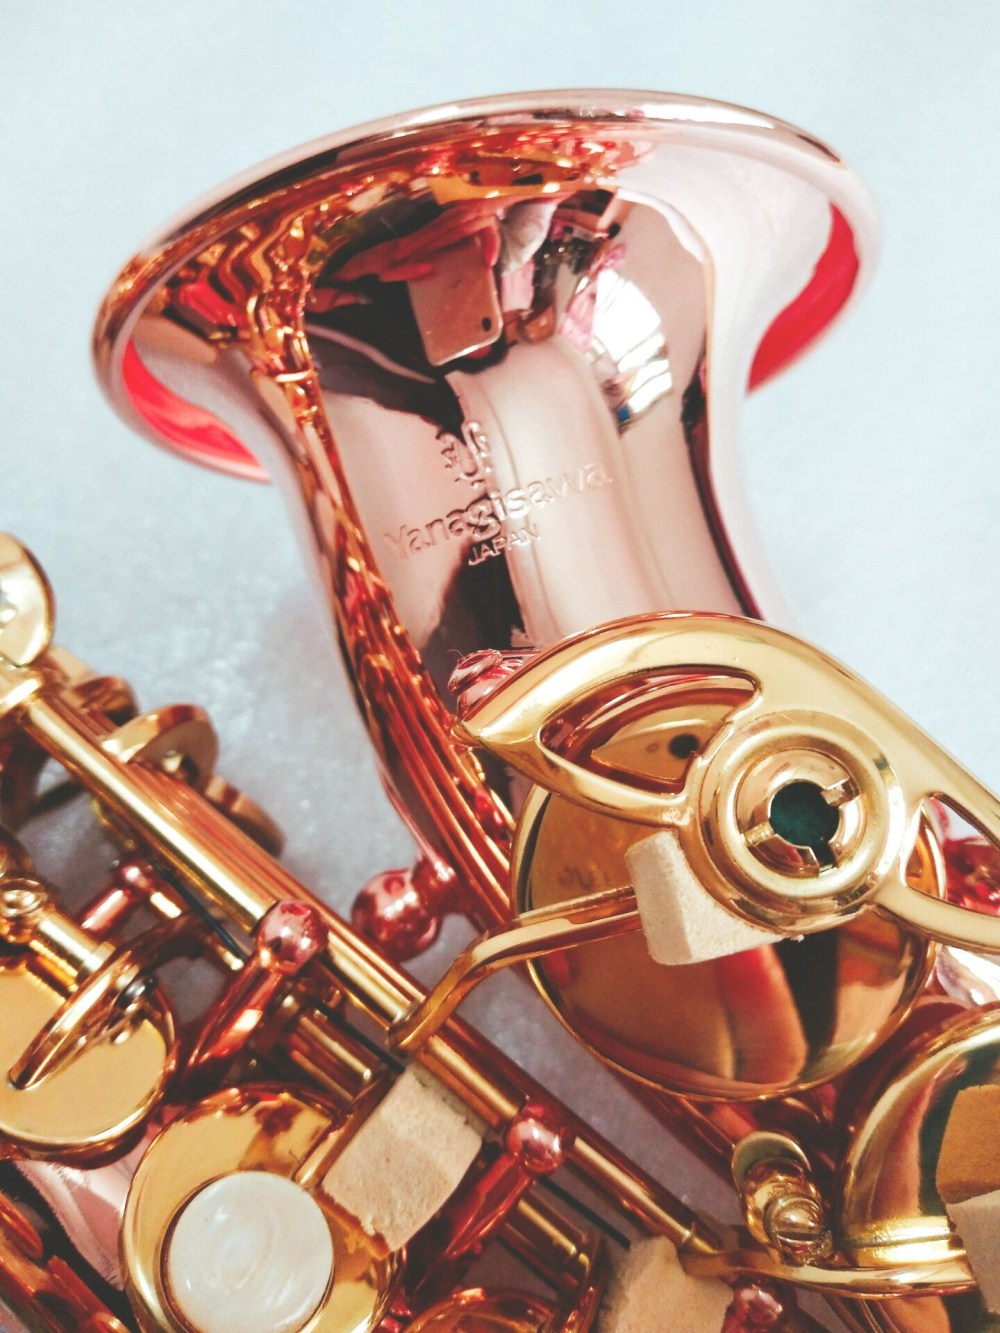 Nouveau Yanagisawa Soprano Saxophone Bb Phosphore Bronze cuivre Sax SC-992 Yanagisawa Musical Instrument Promotions Livraison gratuite